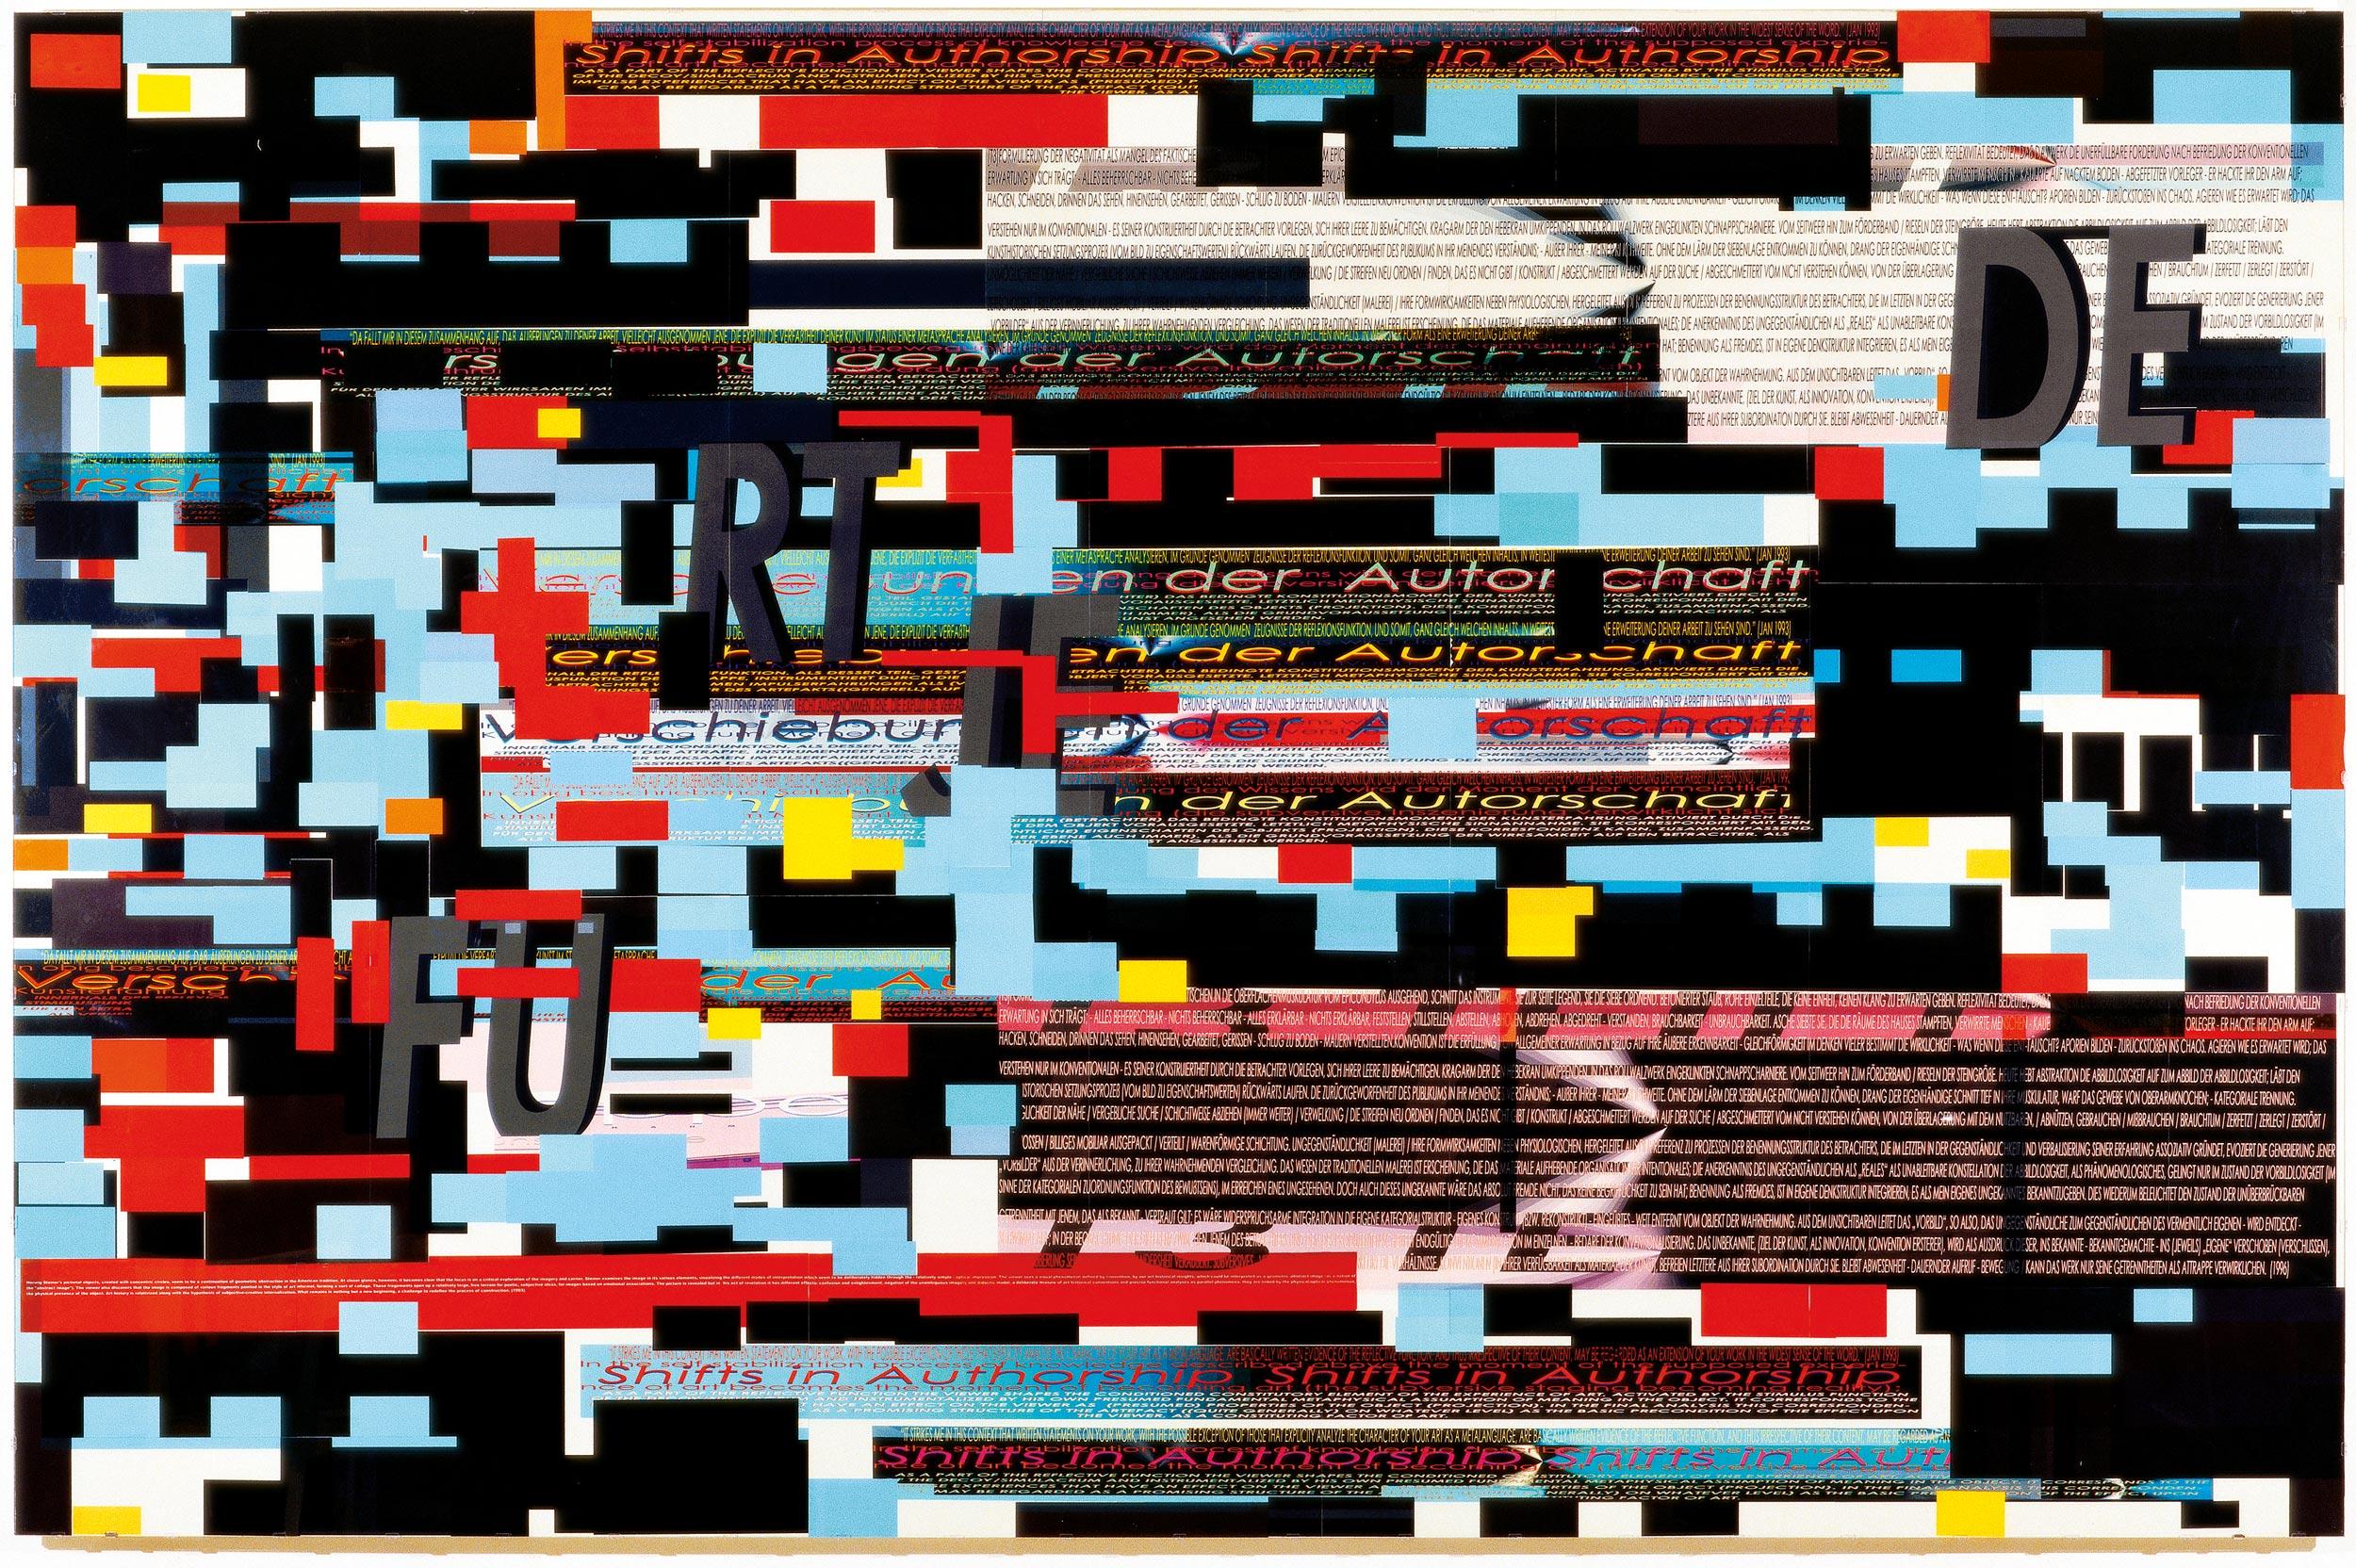 Herwig Steiner (1956L), Pre-Print 178 / engl / dt / 8 / 2000 / computergenerierter Print / mehrlagig / Folie auf Platte / Acrylglas / 169,5x259,6cm Foto: Ebenhofer